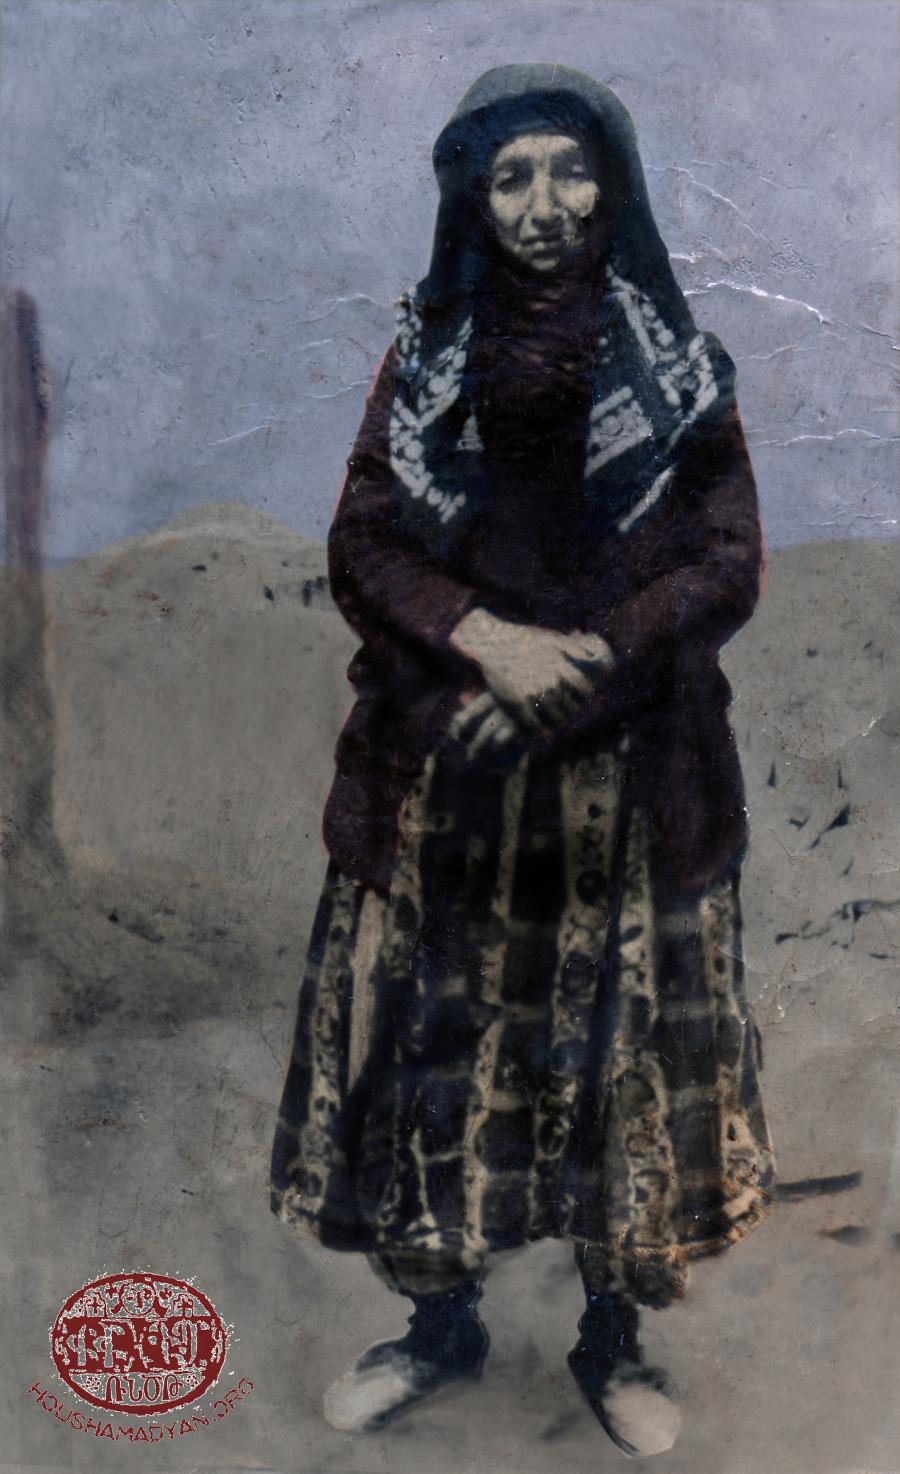 Զէյթունցի հայ կին մը՝ Մարիամ Պարութճեան